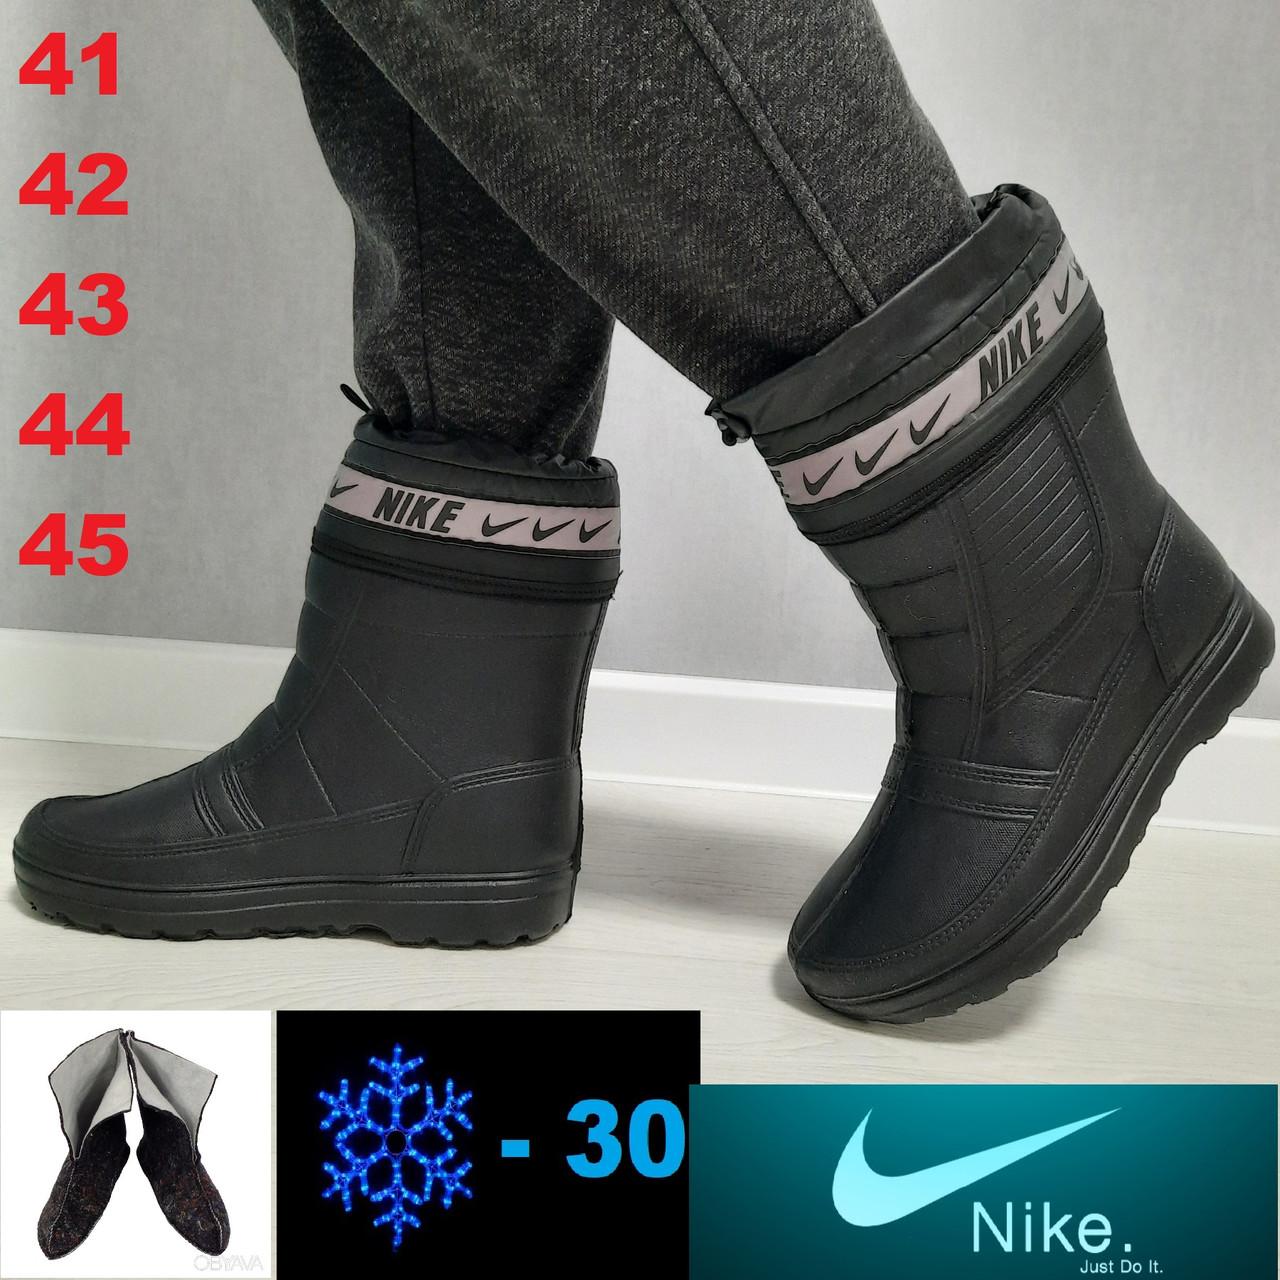 Мужские сапоги с утеплителем, ЭВА, резиновые, зимние, демисезонные - Nike. В стиле Norfin, Nordman, рыбацкие.